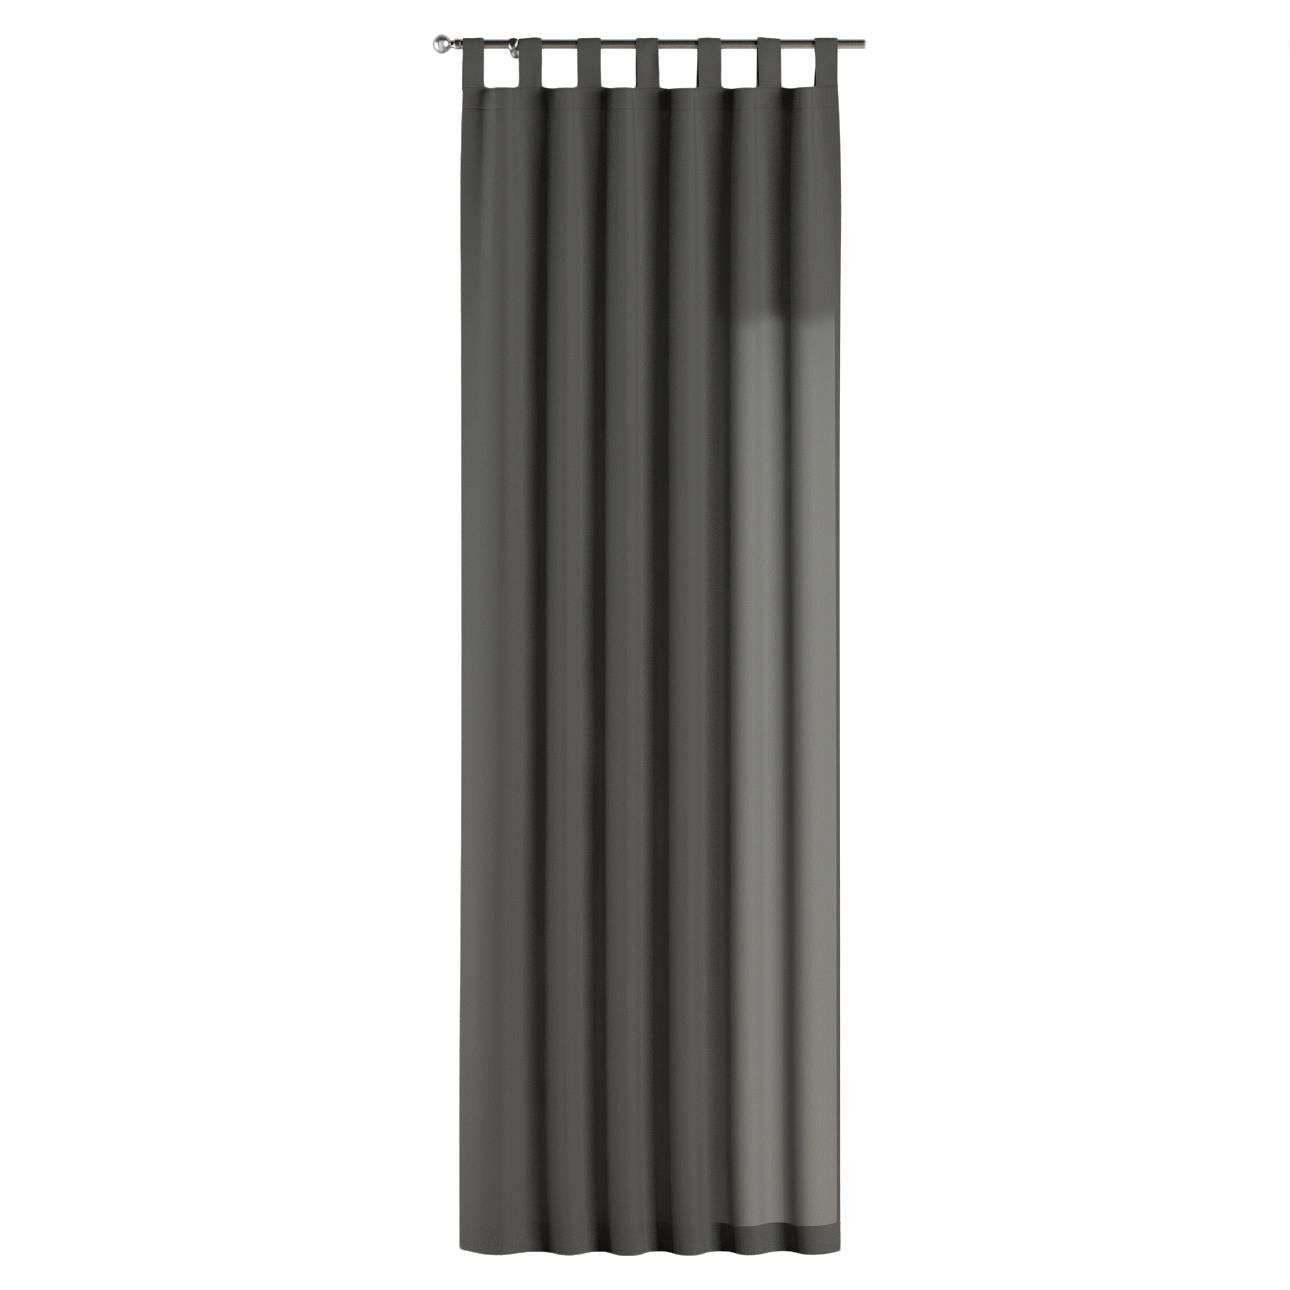 Zasłona na szelkach 1 szt. 1szt 130x260 cm w kolekcji Quadro, tkanina: 136-14